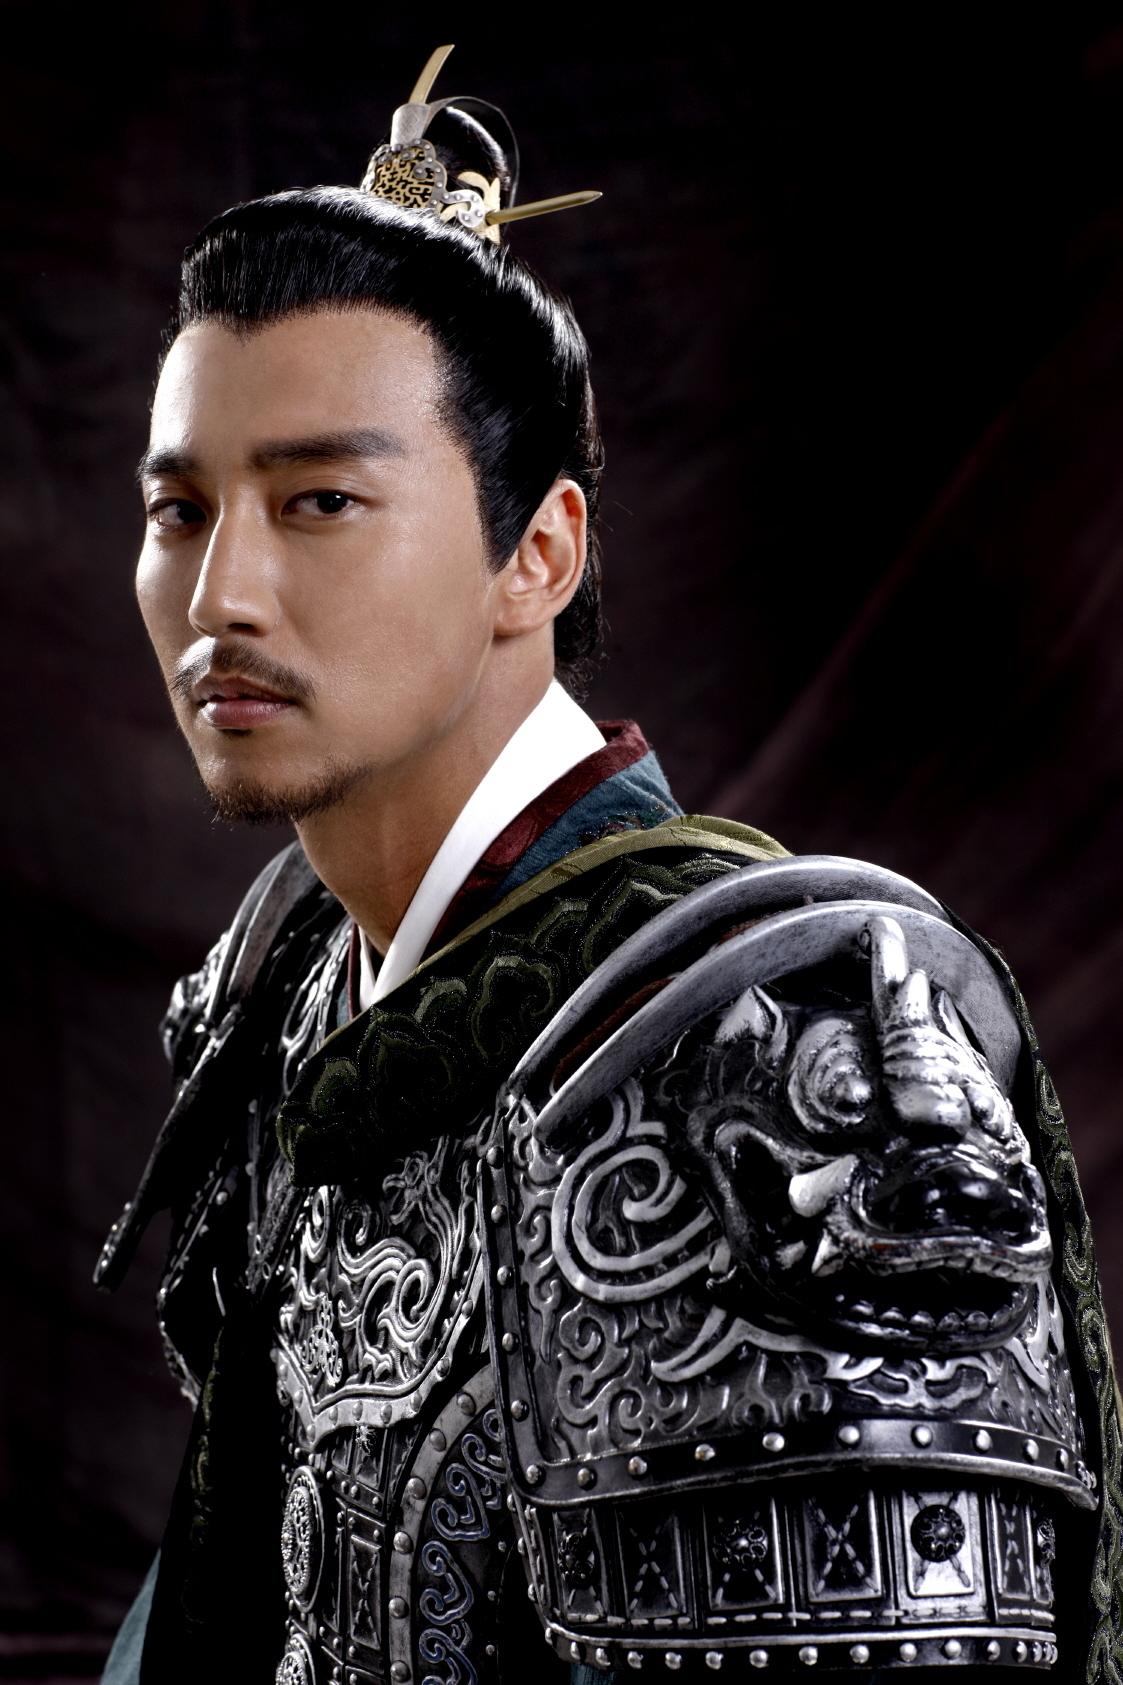 """Trước Hyun Bin, Son Ye Jin từng có tin """"hẹn hò"""" người đàn ông này: Danh tiếng, ngoại hình chẳng hề thua kém mỹ nam """"Hạ cánh nơi anh"""" - Ảnh 5."""